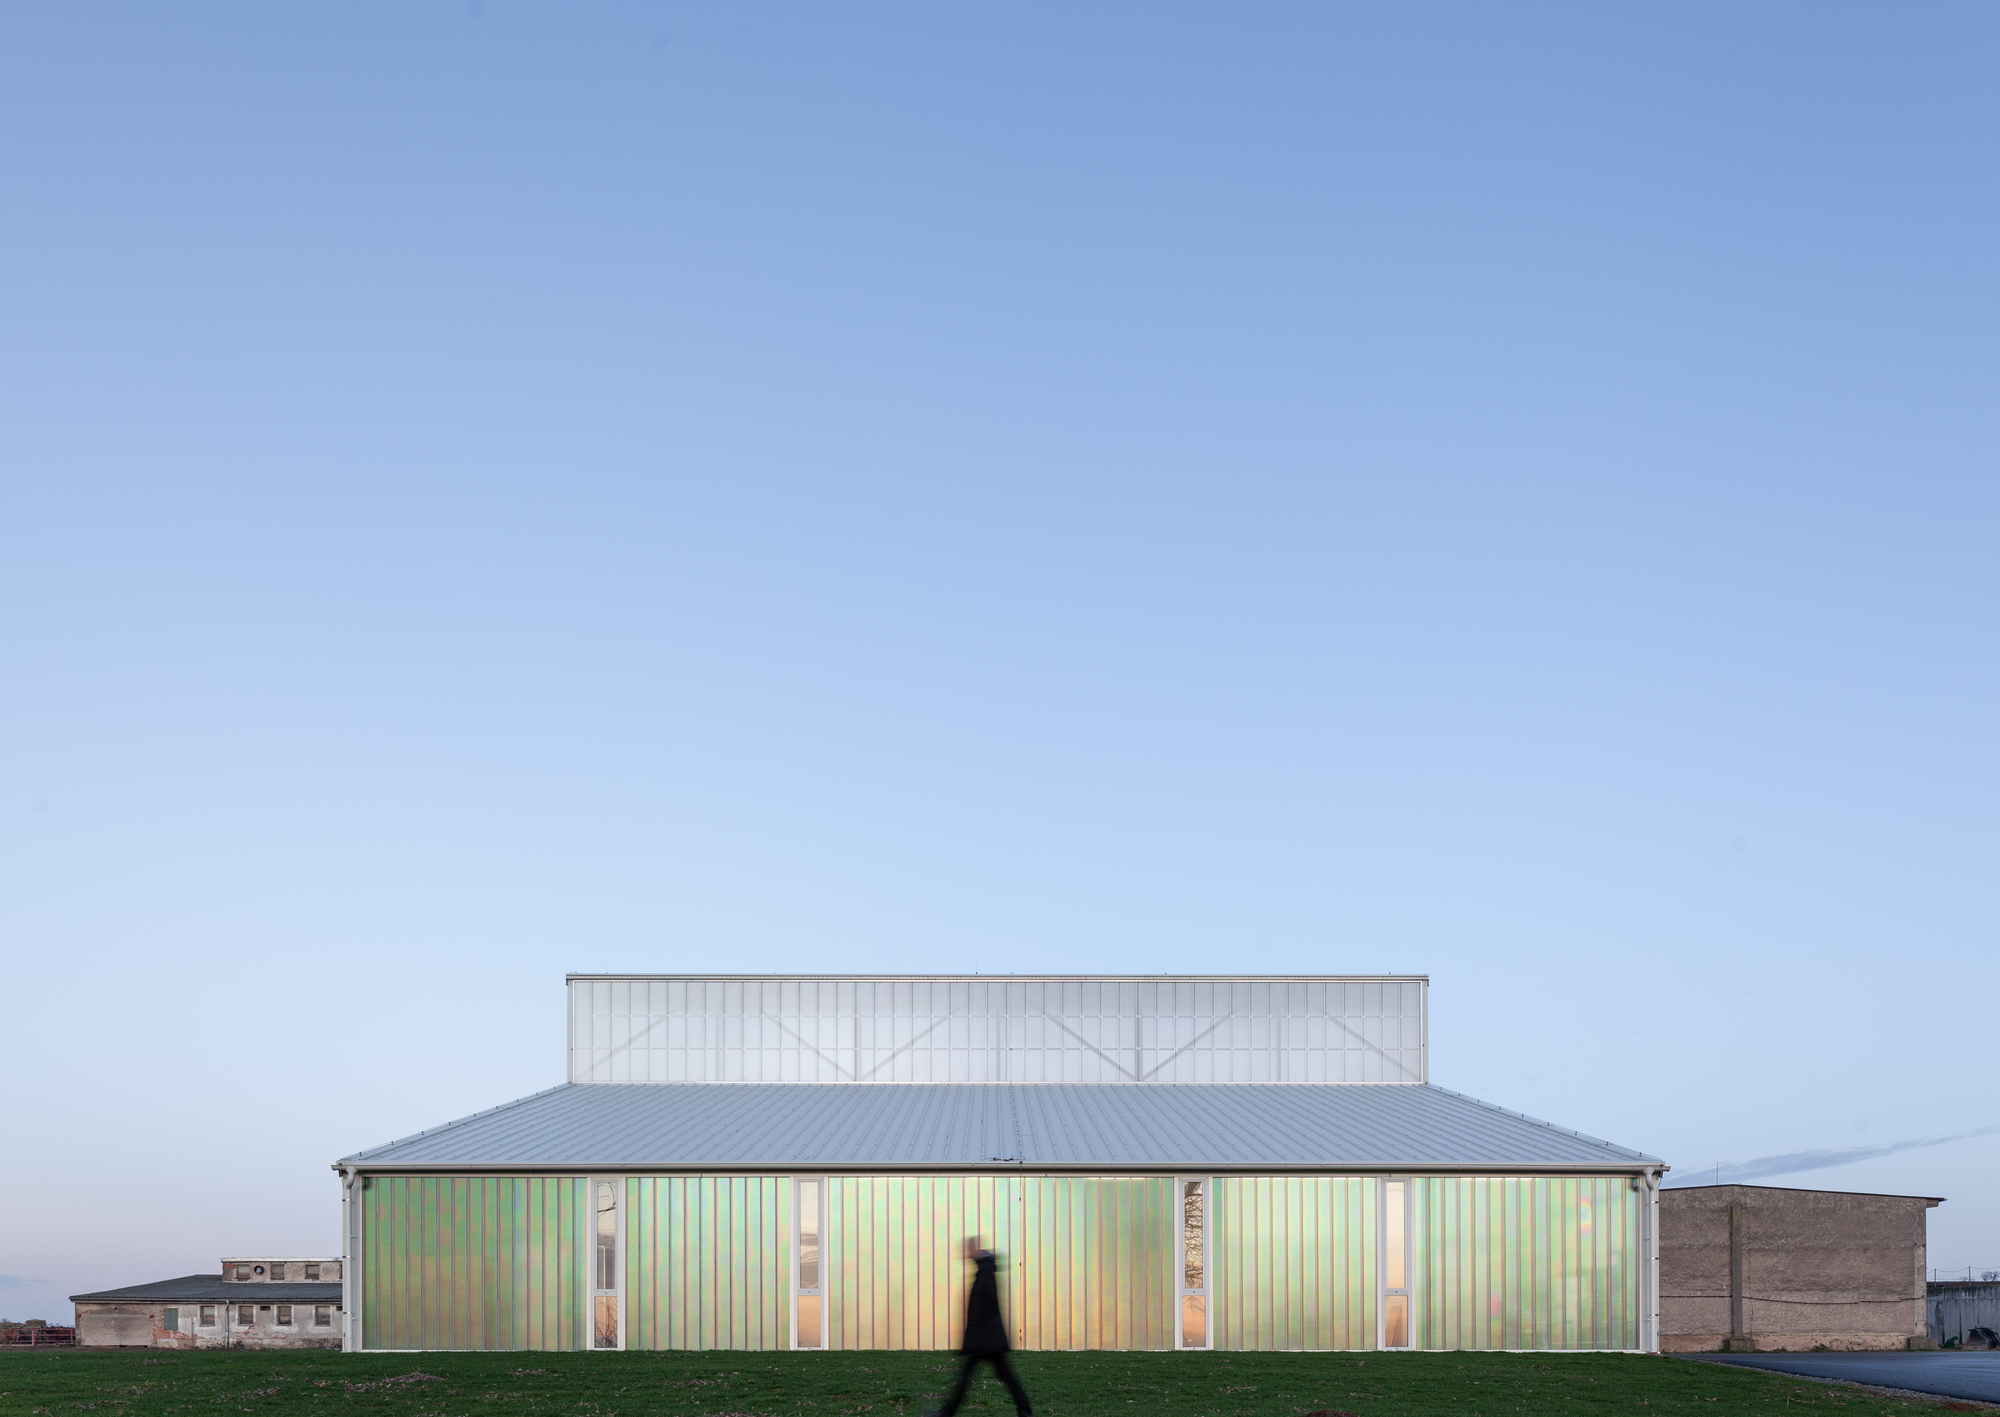 White Shed / Atelier 111 Architekti